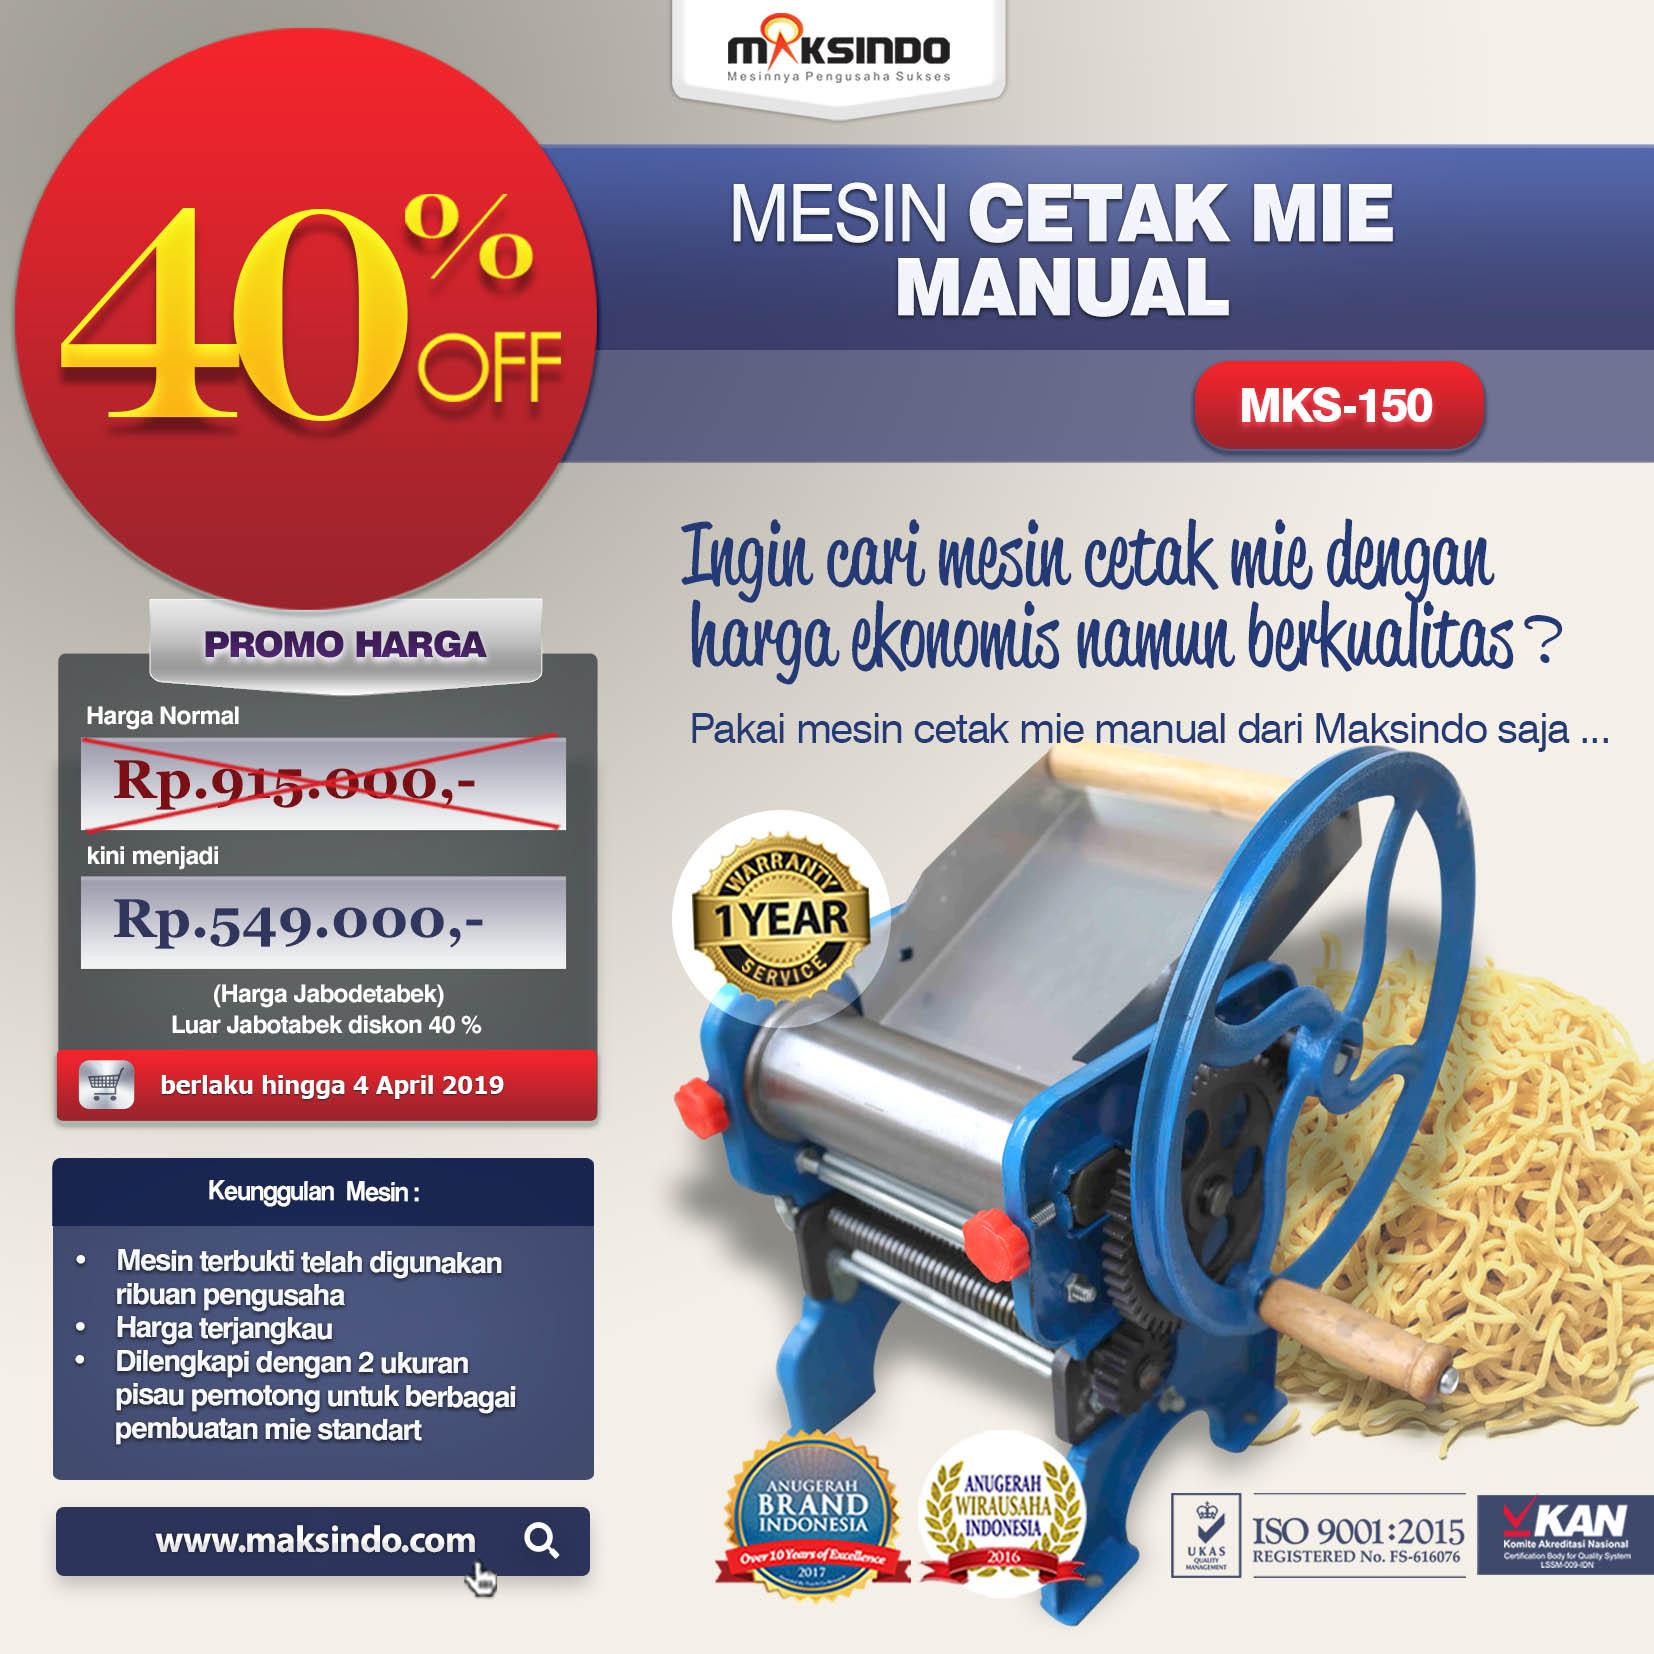 Jual Cetak Mie Manual Untuk Usaha (MKS-150B) di Medan